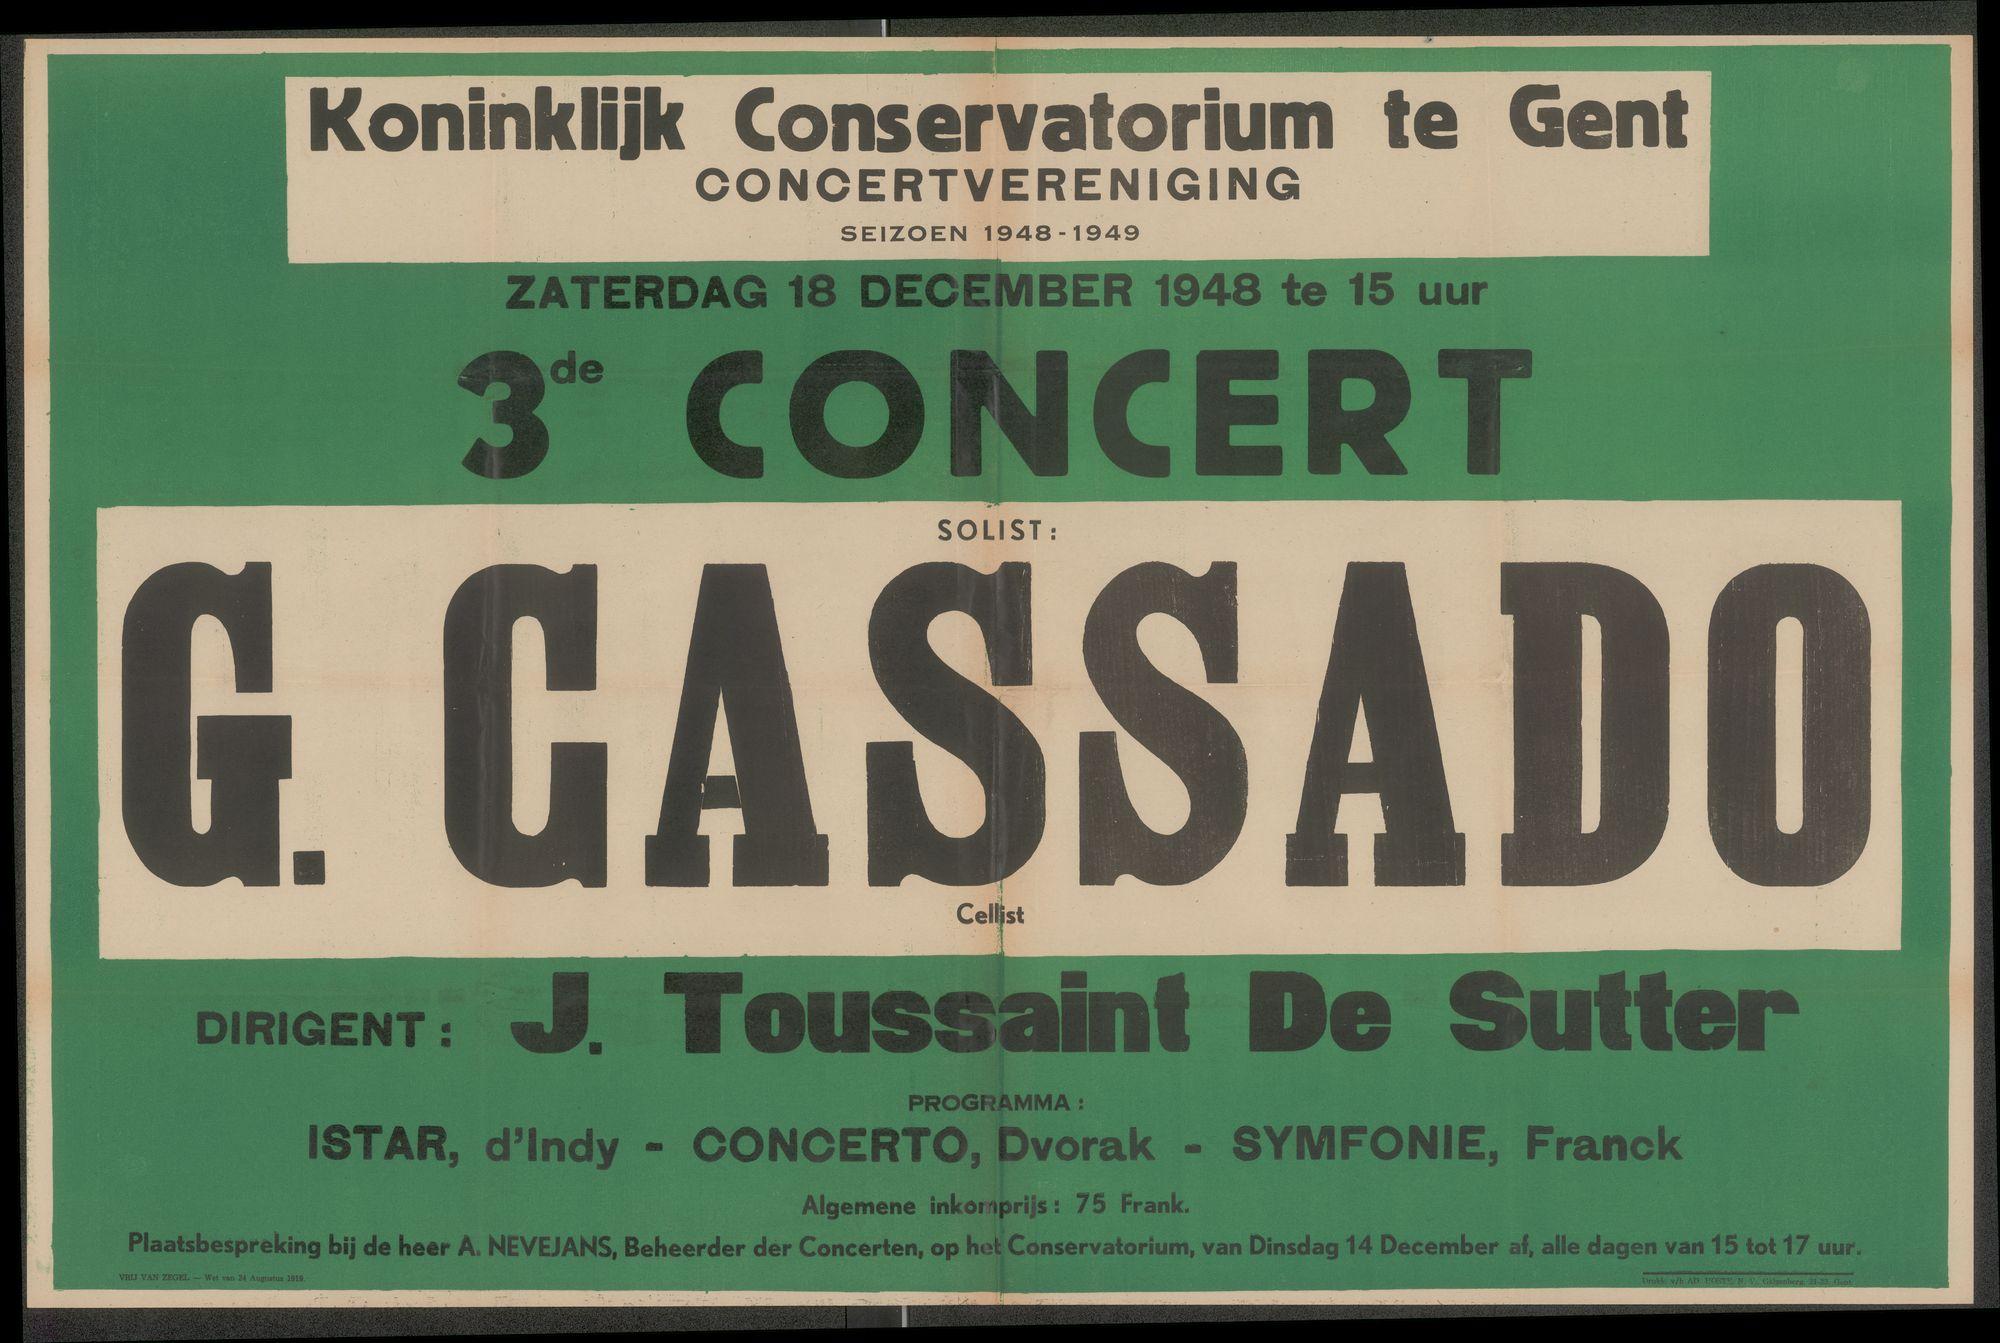 3de concert, Seizoen 1948-1949, Solist G. Cassado, Cellist Dirigent: J. Toussaint De Sutter, Koninklijk Conservatorium te Gent, Concertvereniging, Gent, 1948